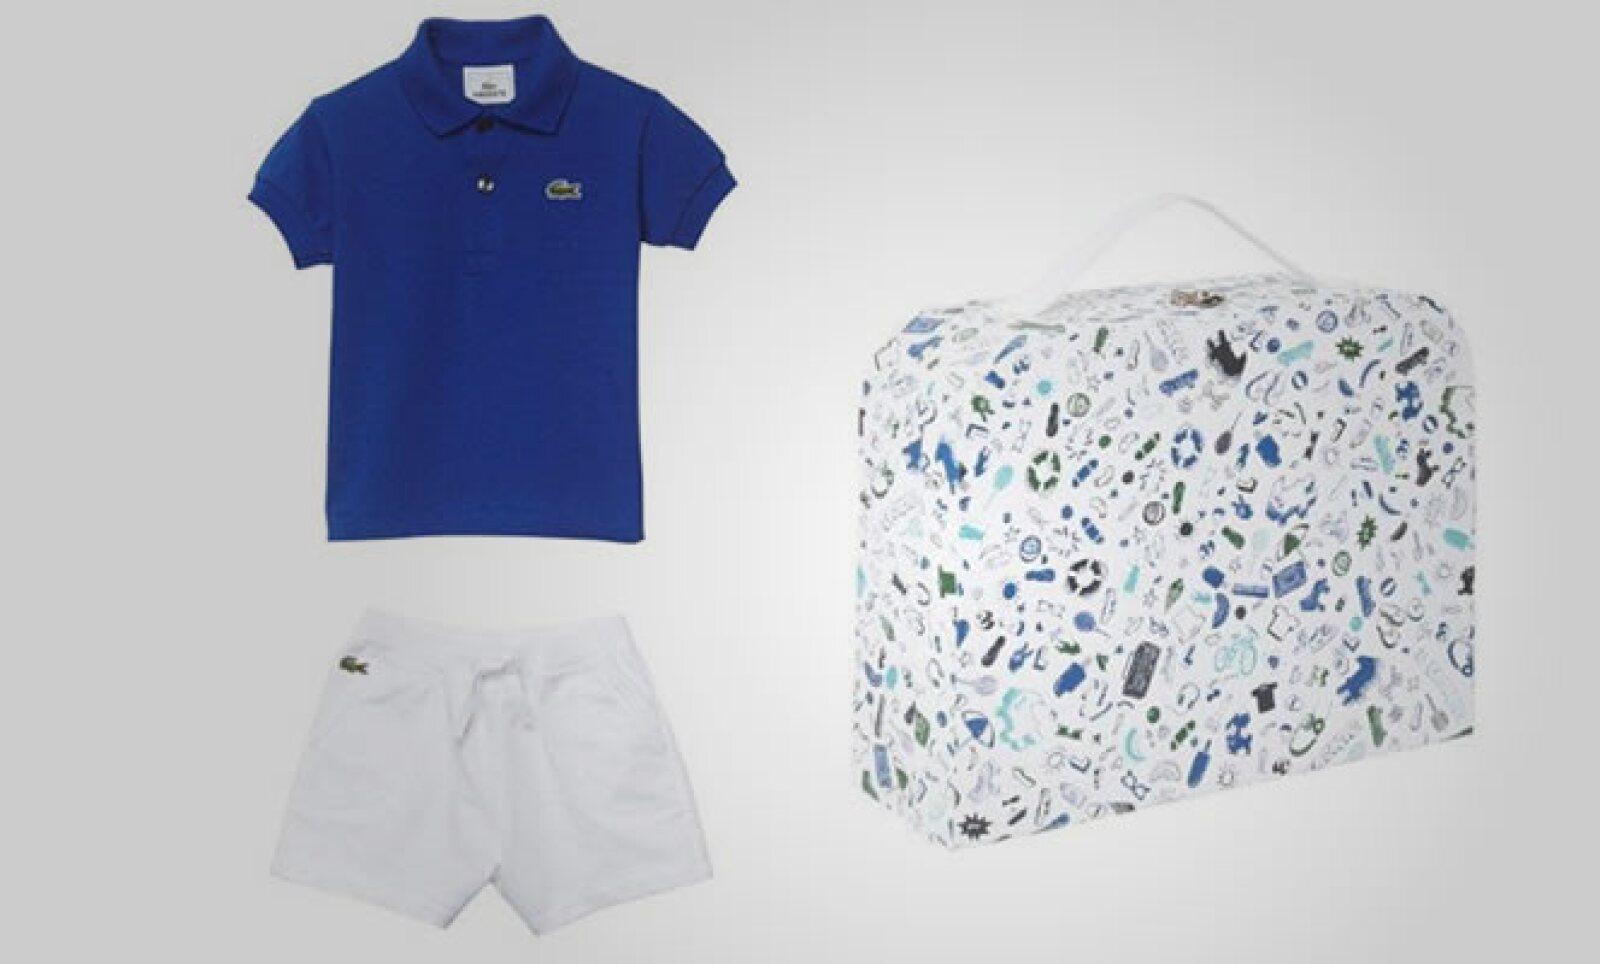 Este paquete para niños contiene una pequeña playera polo en color azul y shorts en color azul.